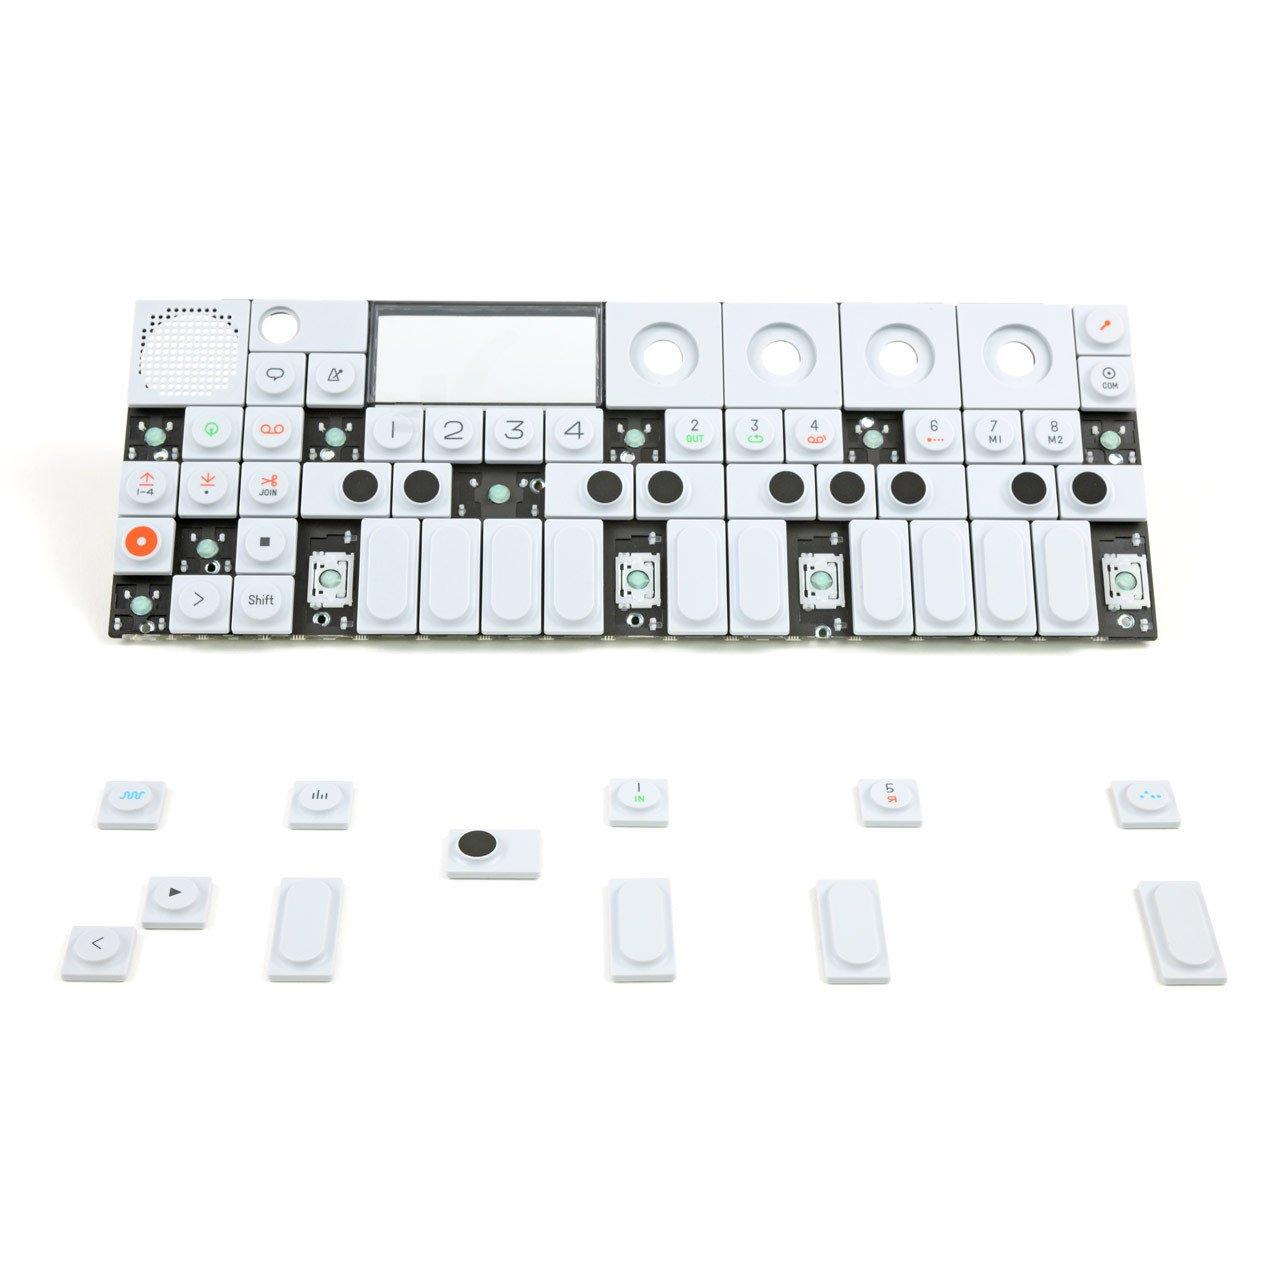 OP-1 Keyboard Bild